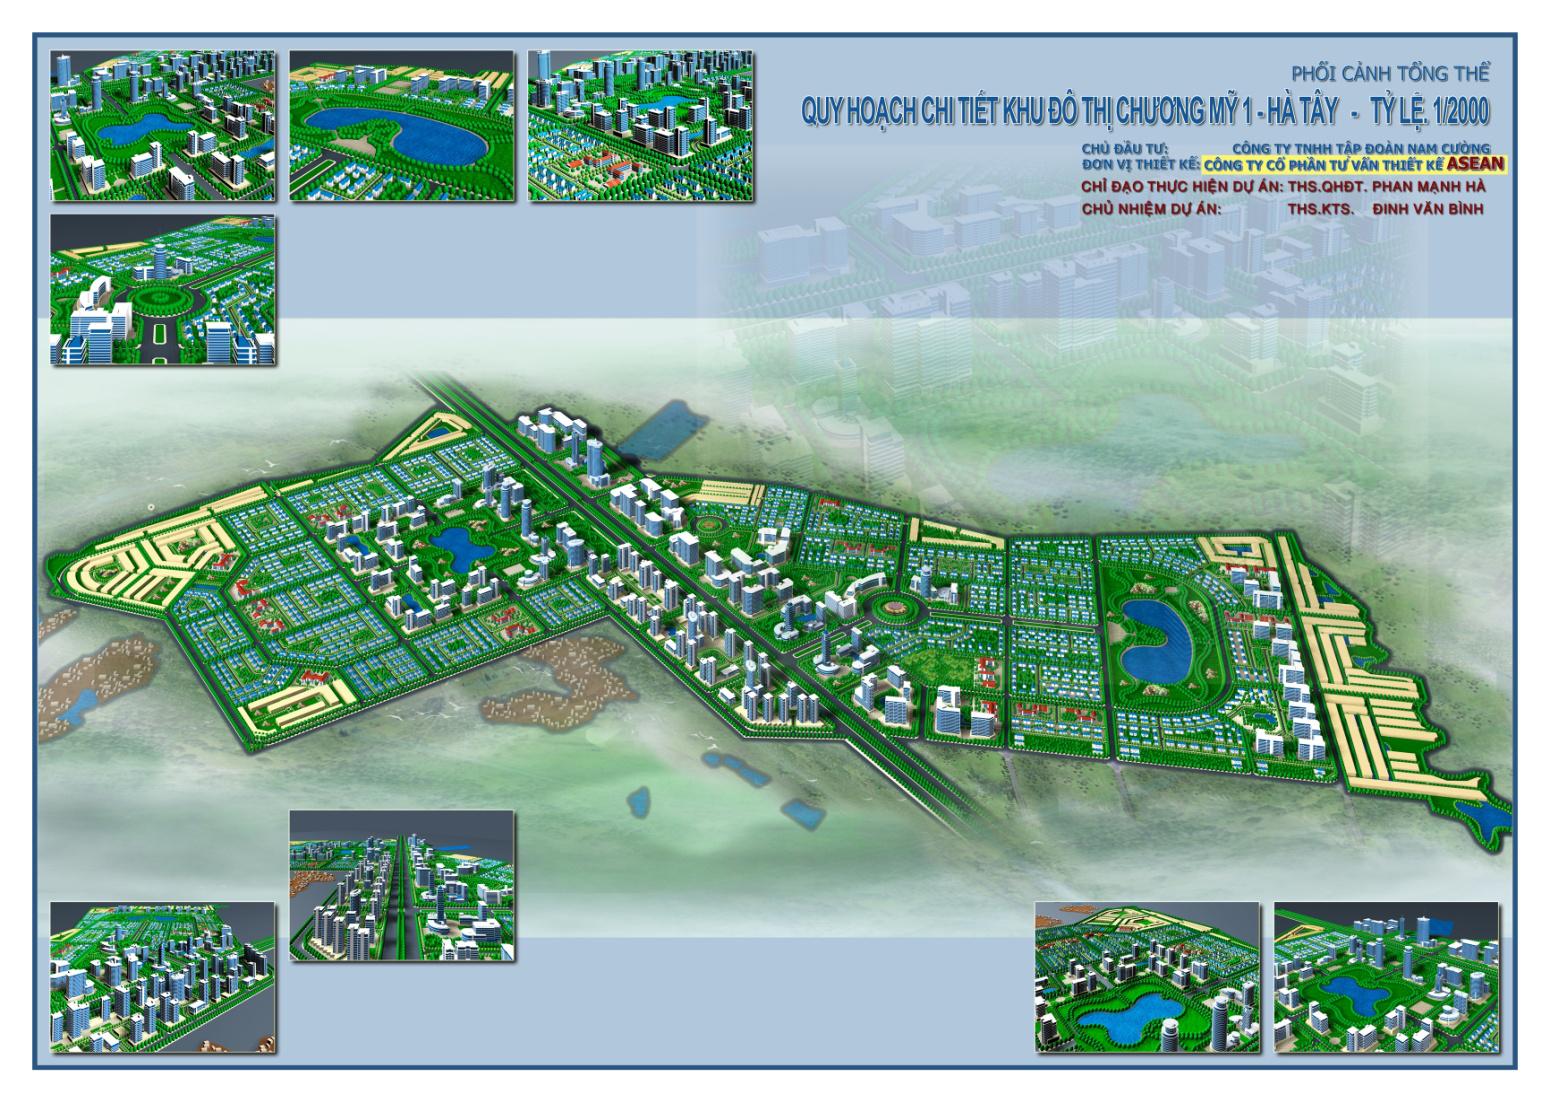 Quy hoạch chi tiết khu đô thị Chương Mỹ 1 - Hà Tây TL 1/2000